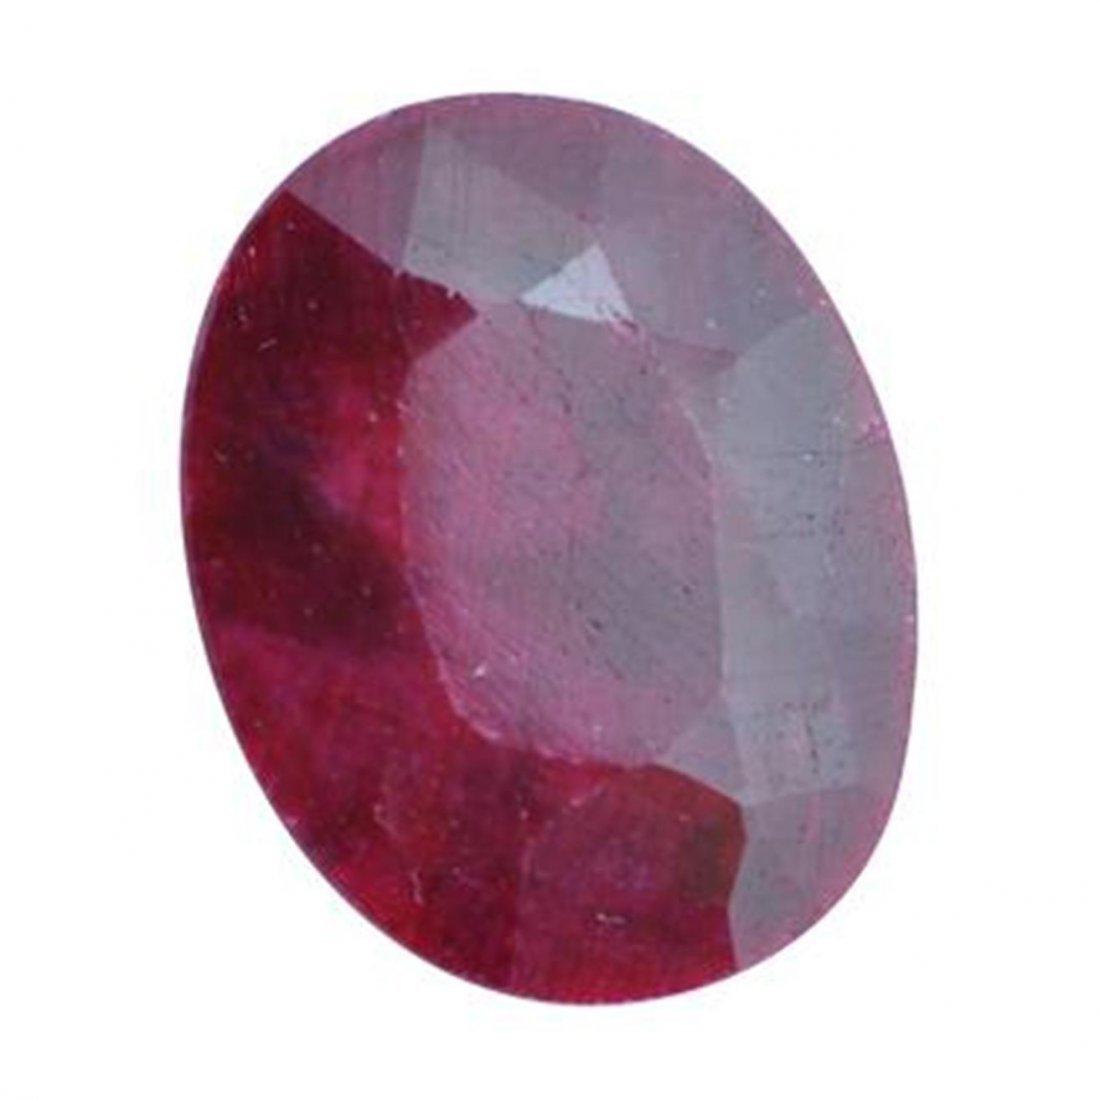 4Q: A 1 ct. Ruby Gem